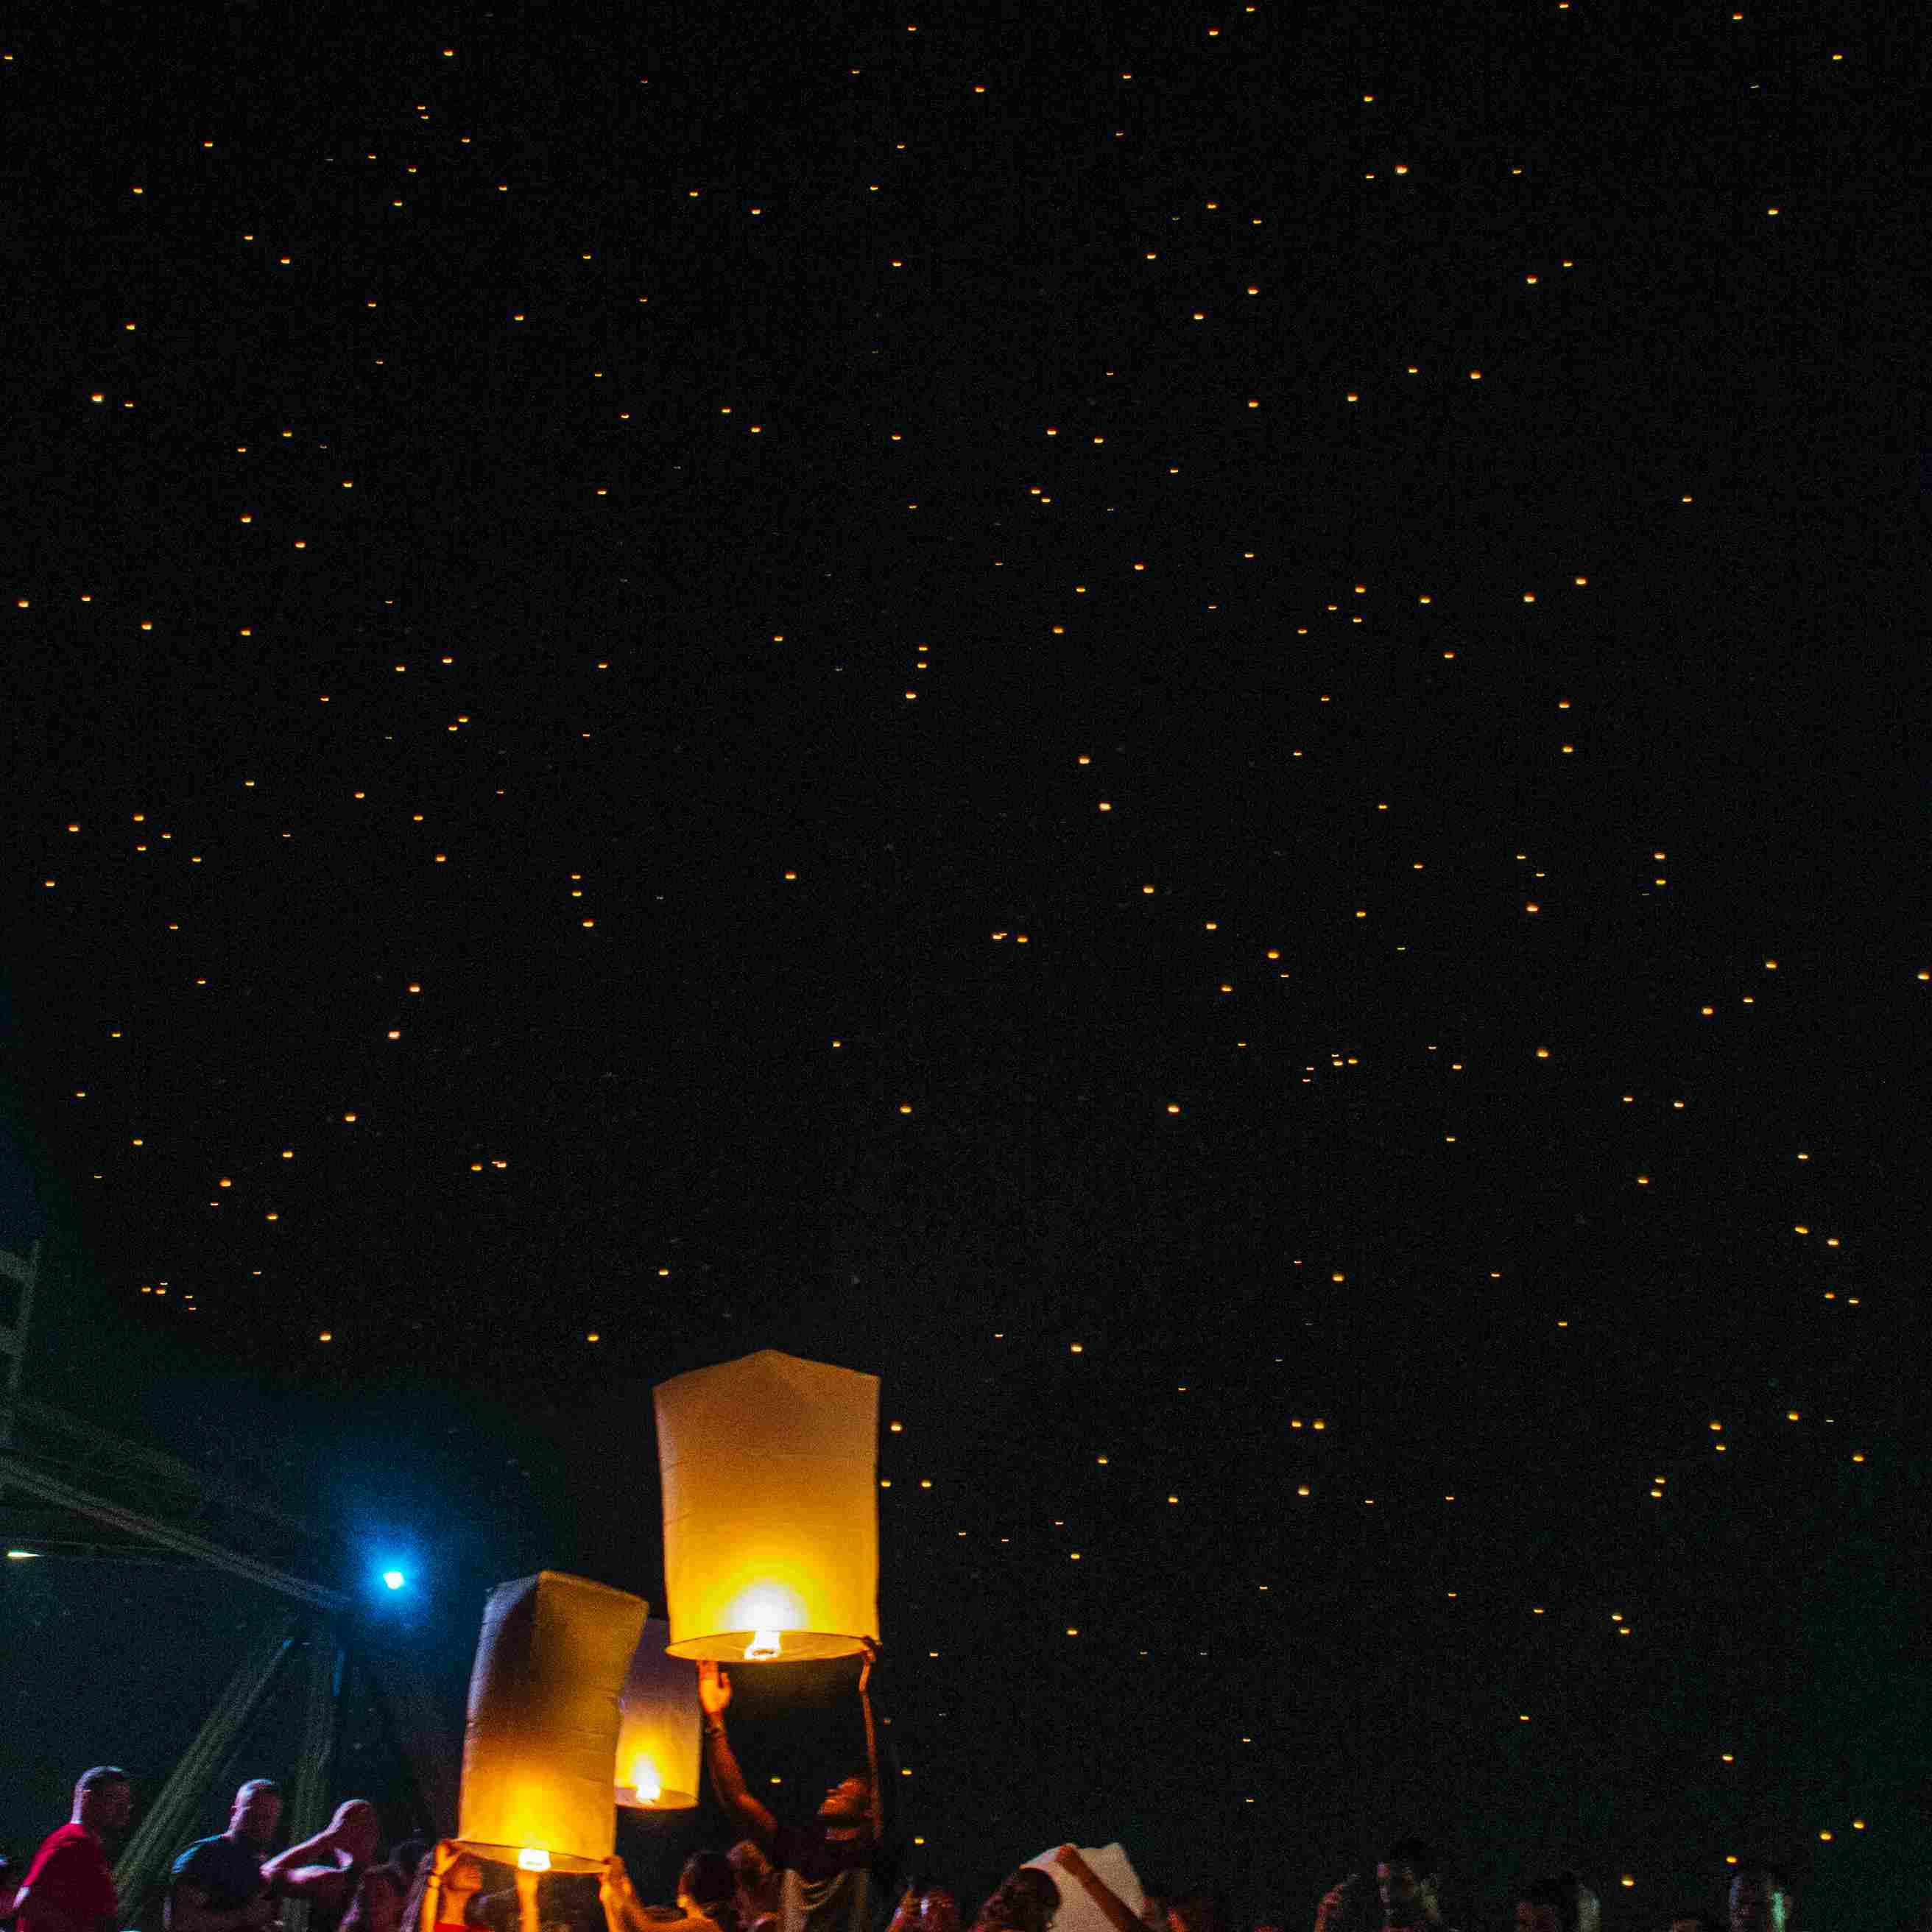 Releasing lanterns at Loy Krathong